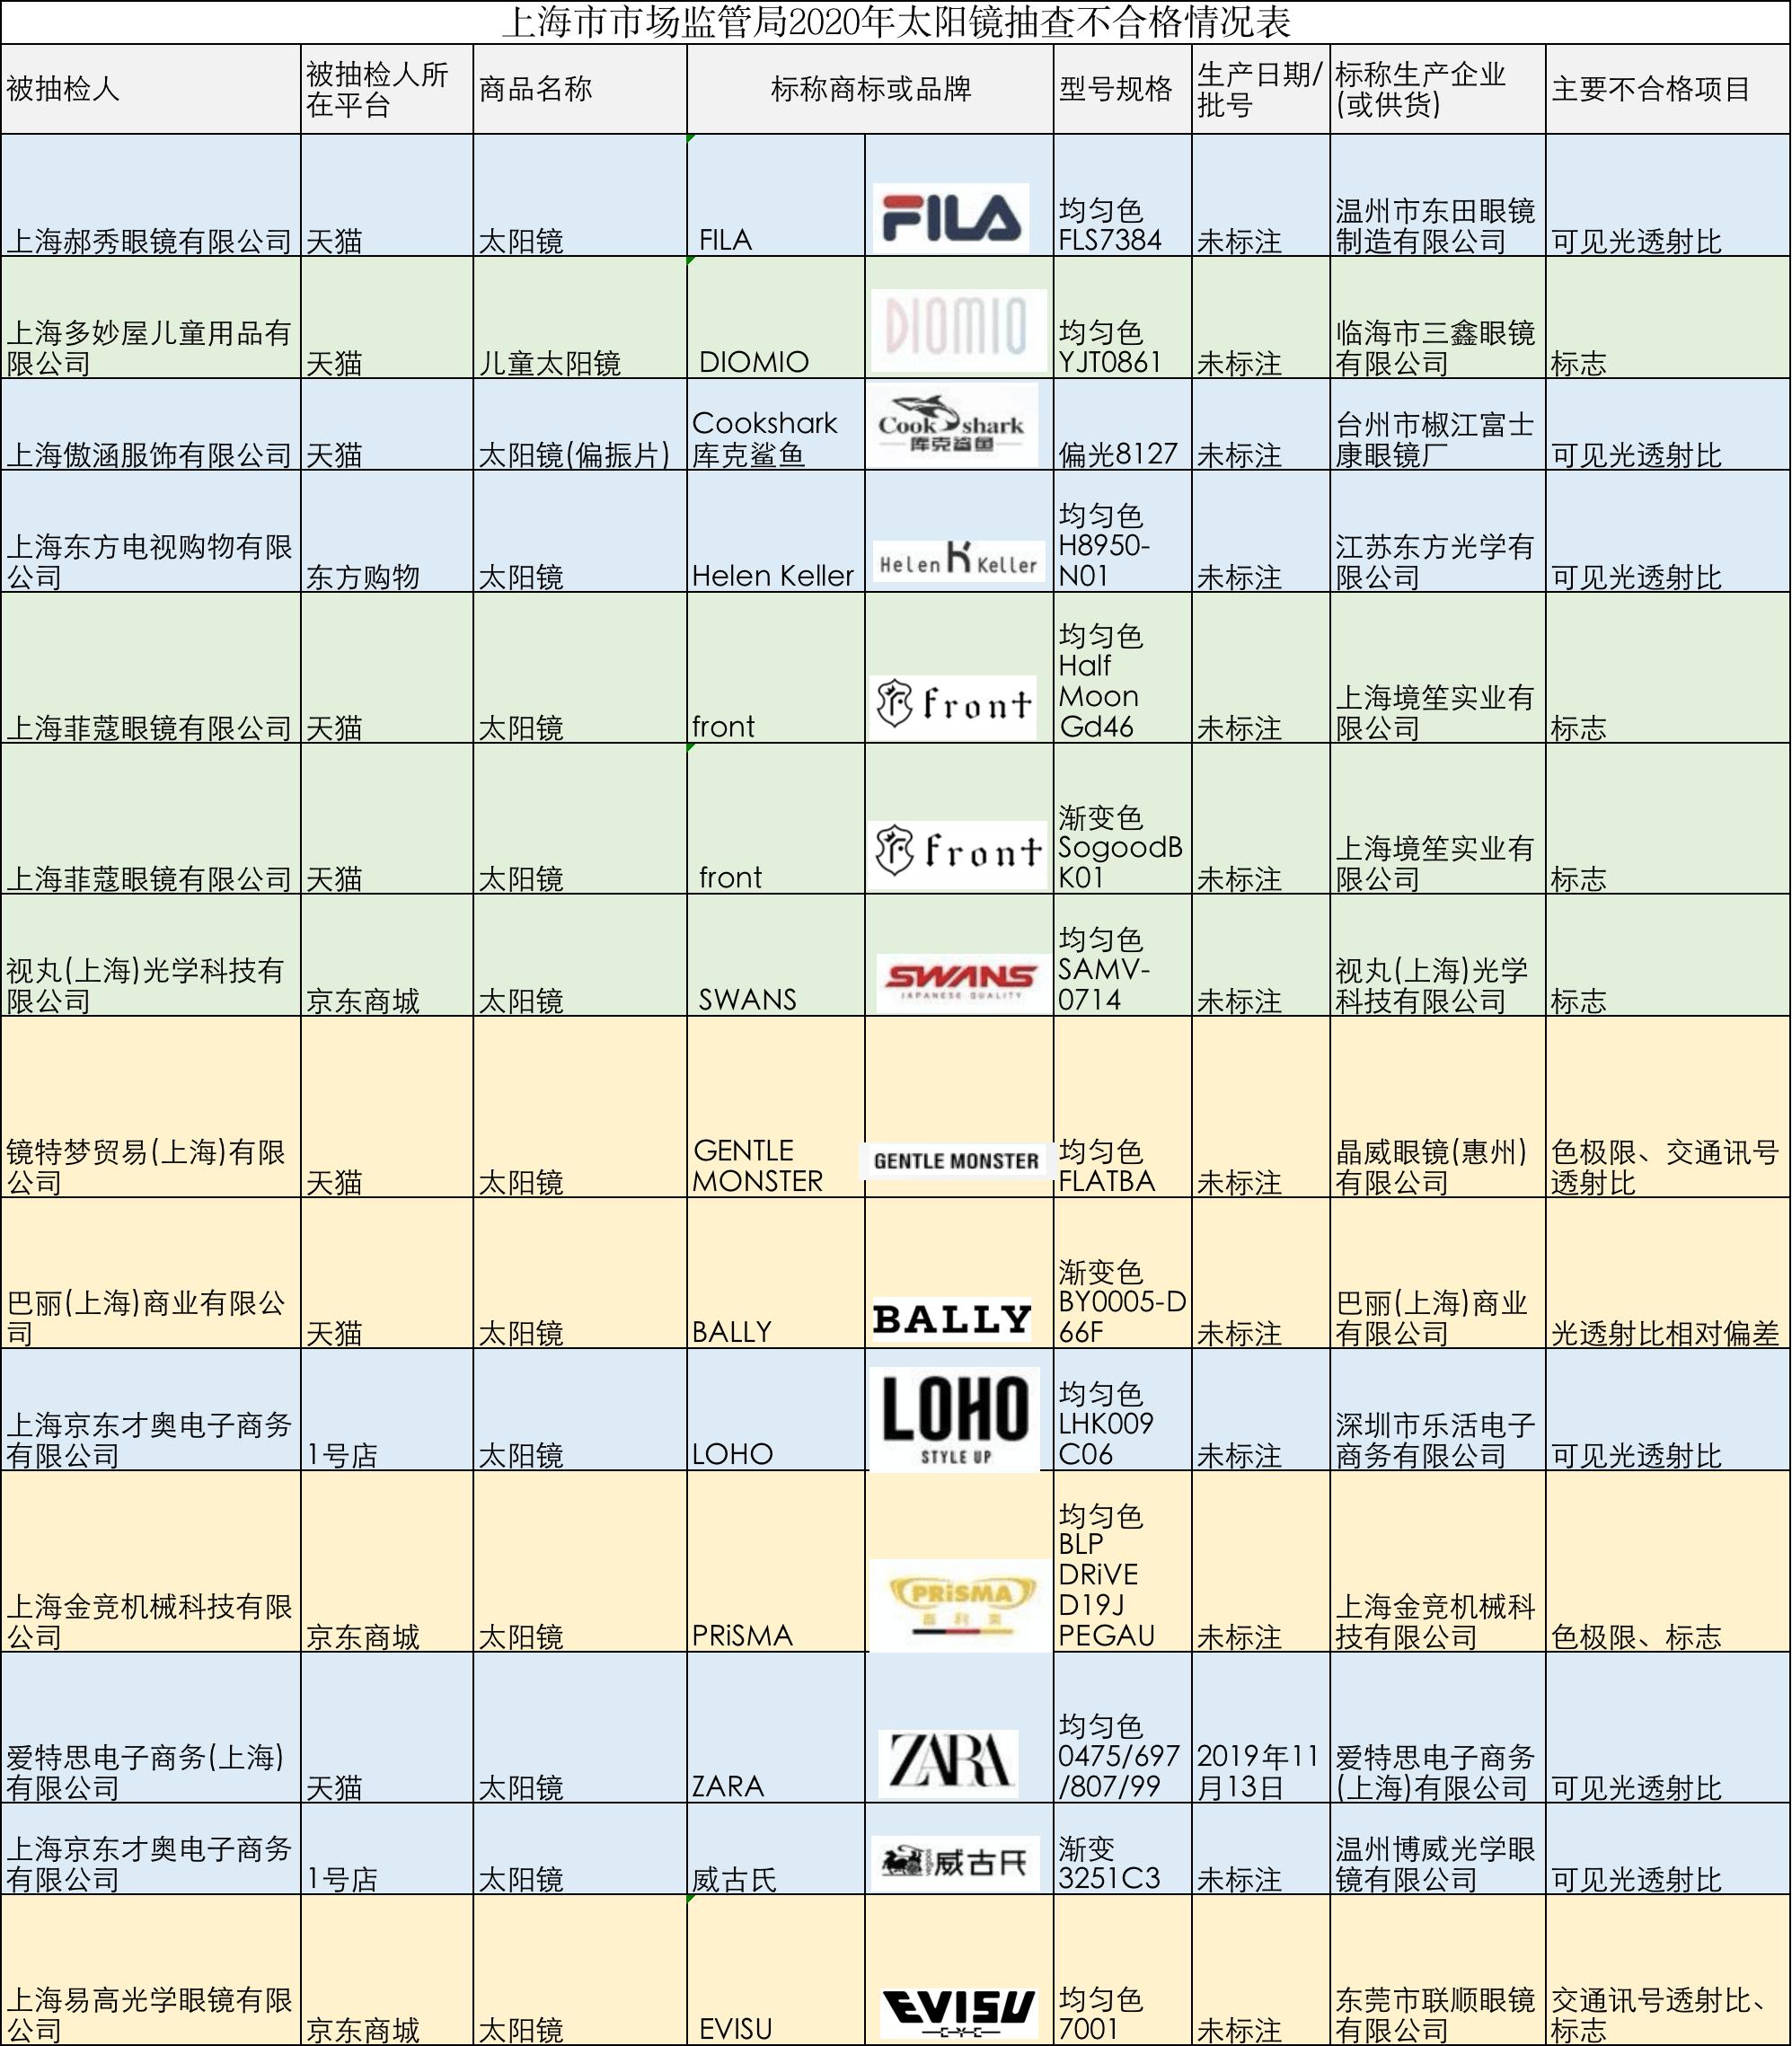 14批次太阳镜不合格,FILA、ZARA、海伦凯勒等上榜